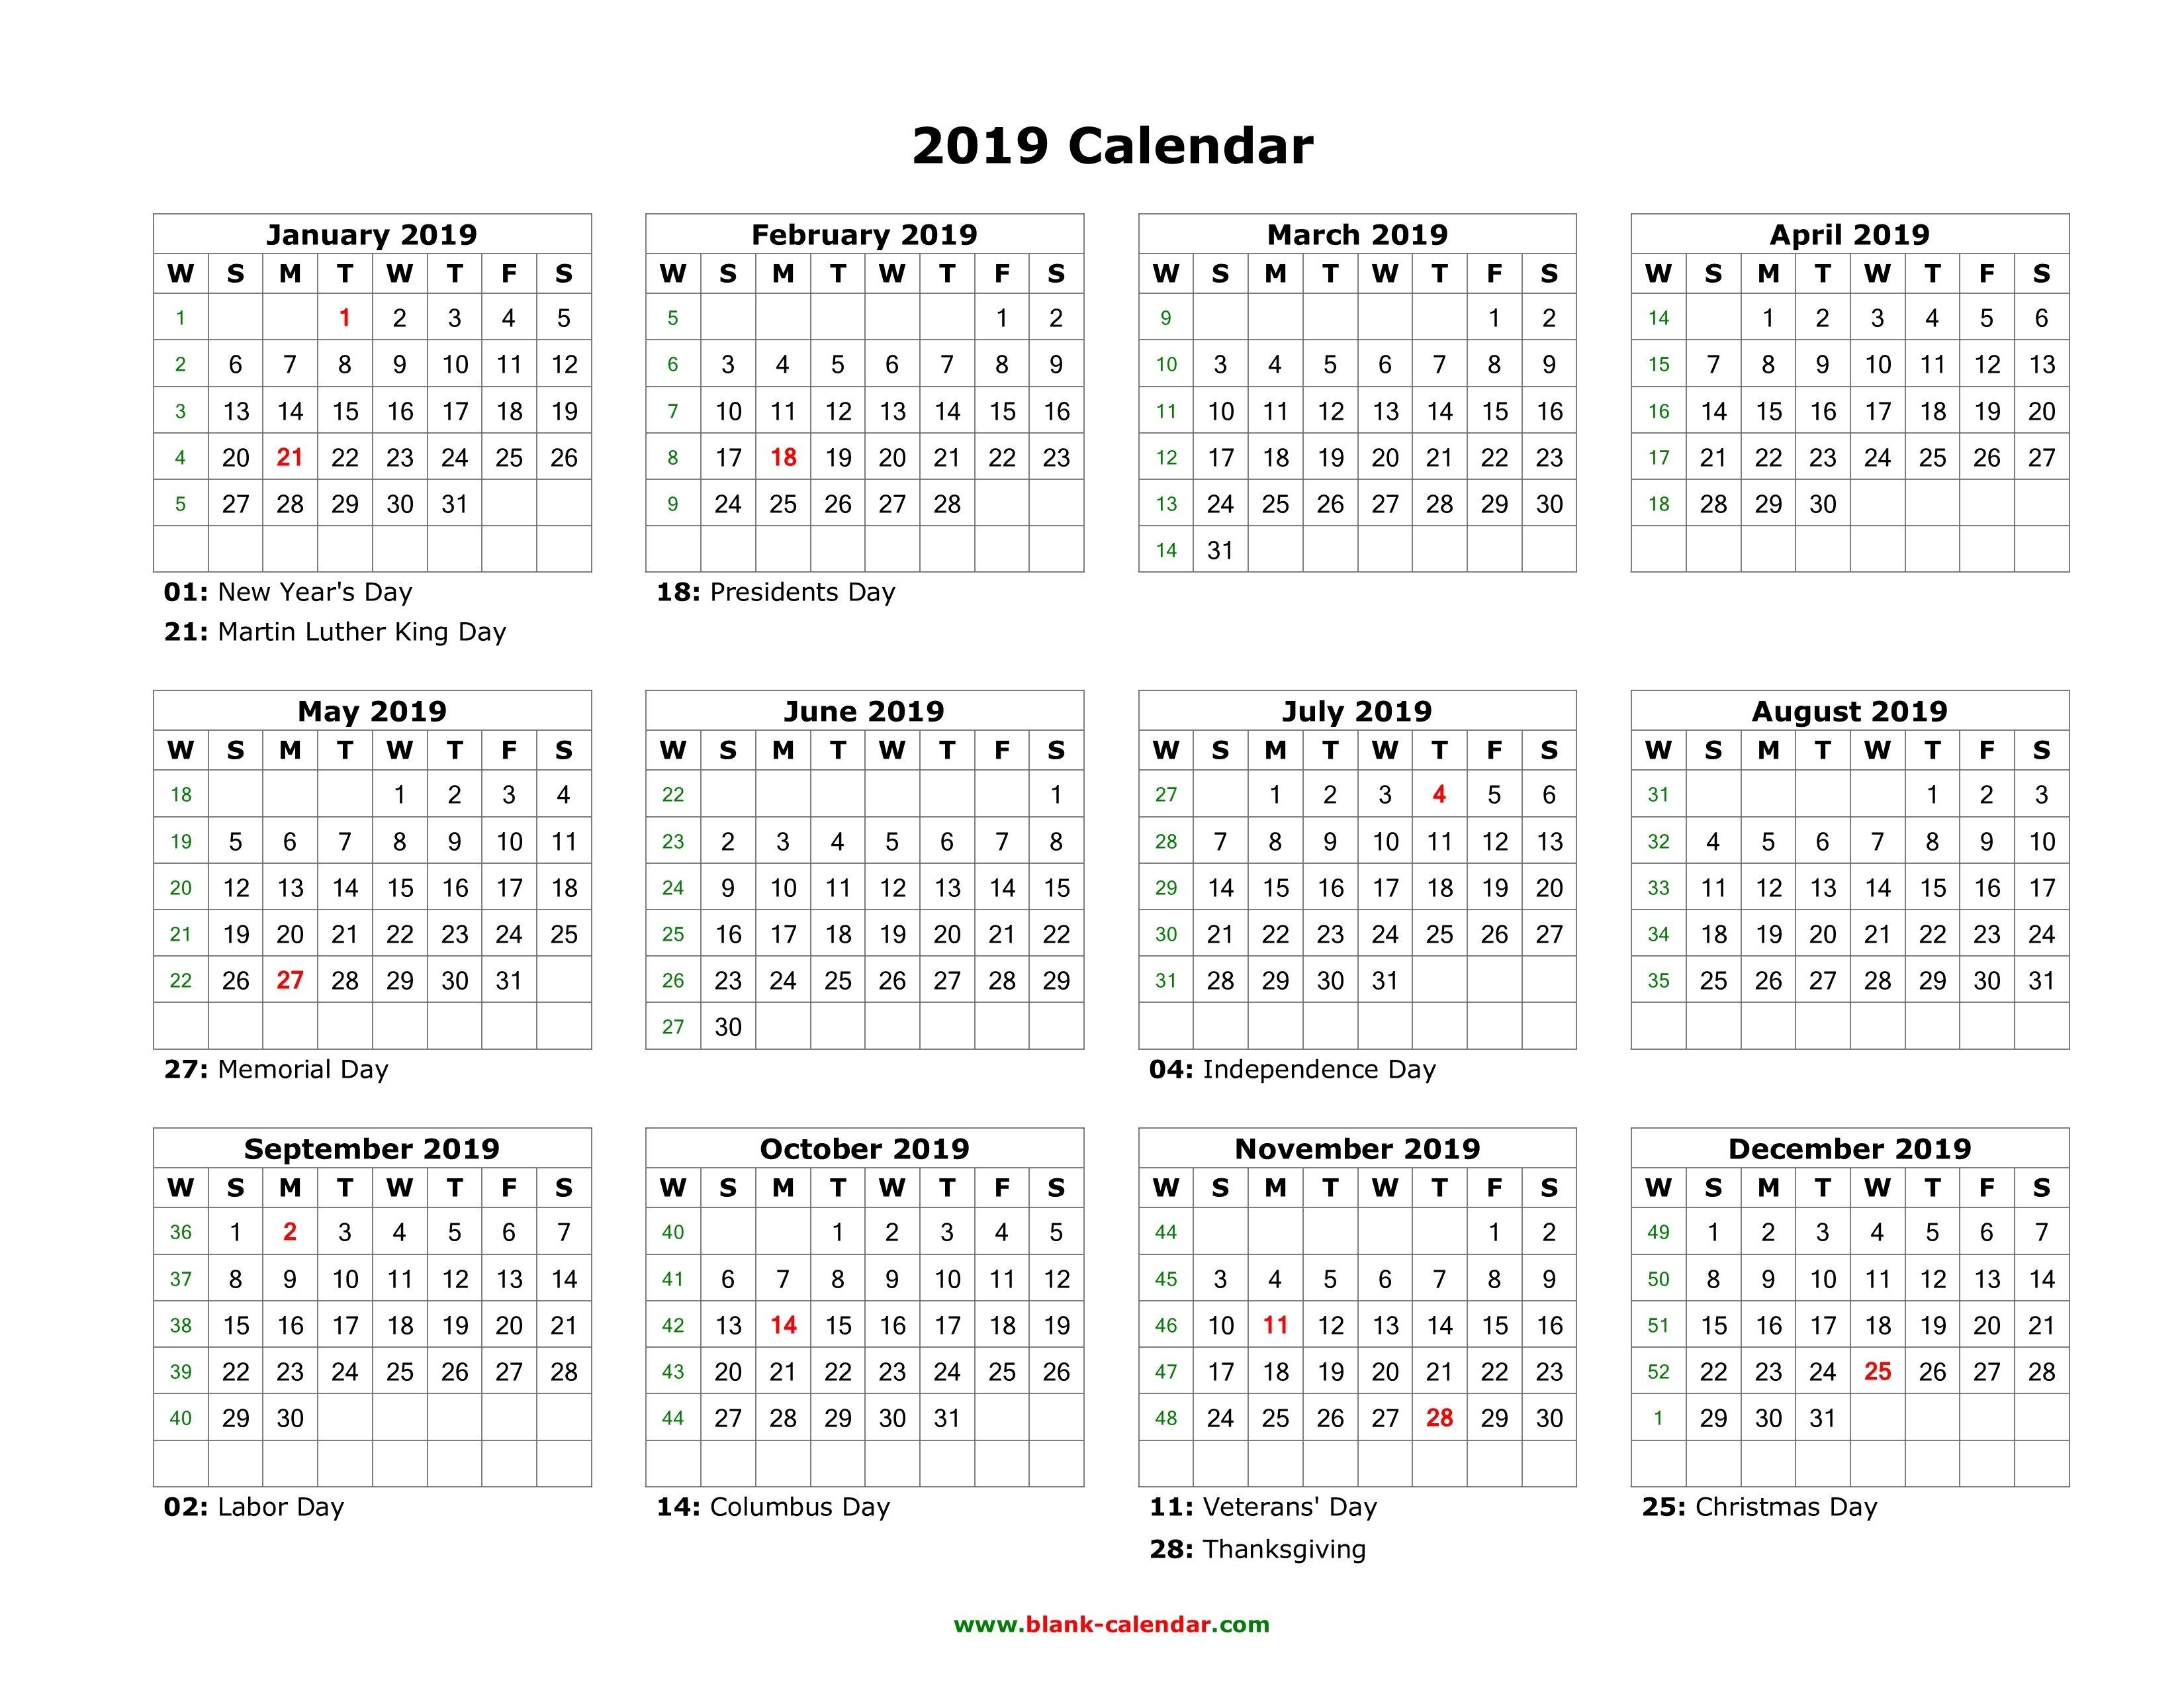 Blank Calendar 2019   Free Download Calendar Templates 2019 Calendar 1 Sheet